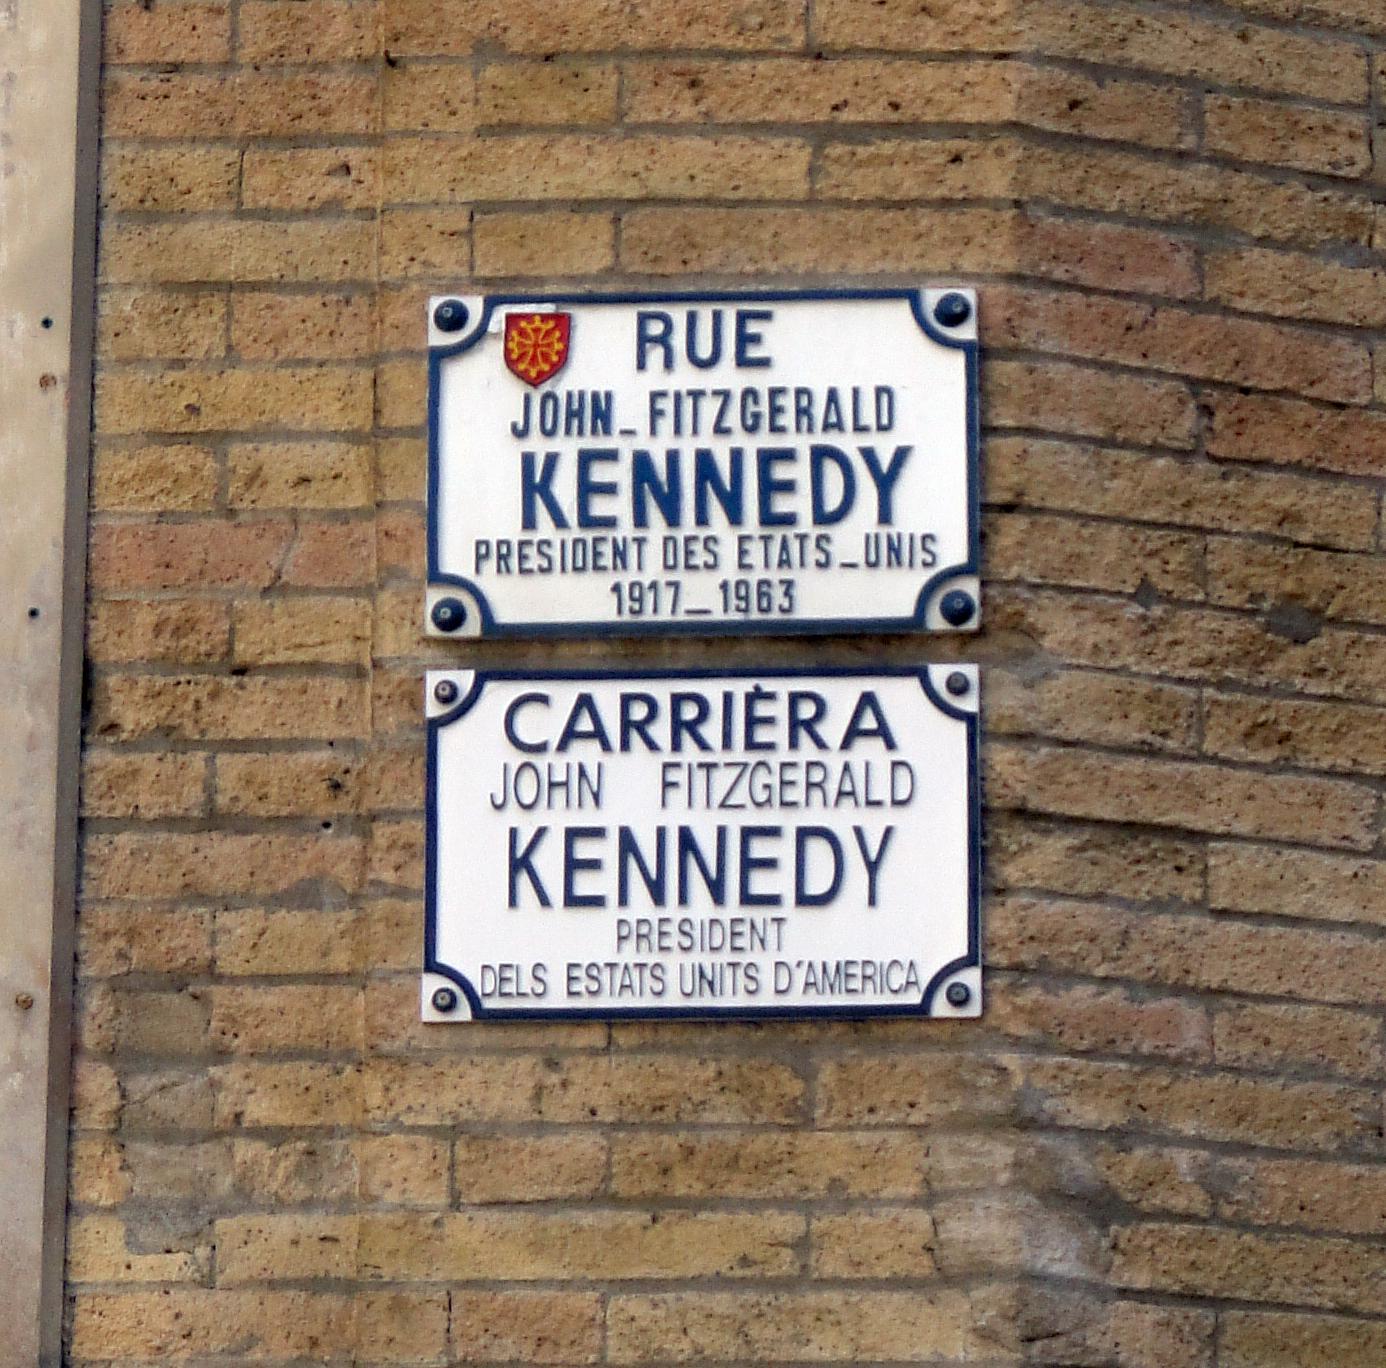 02.09.2011 La presència de l'occità es combina amb el francès. Menys dóna una pedra...  Tolosa del Llenguadoc. -  Jordi Bibià